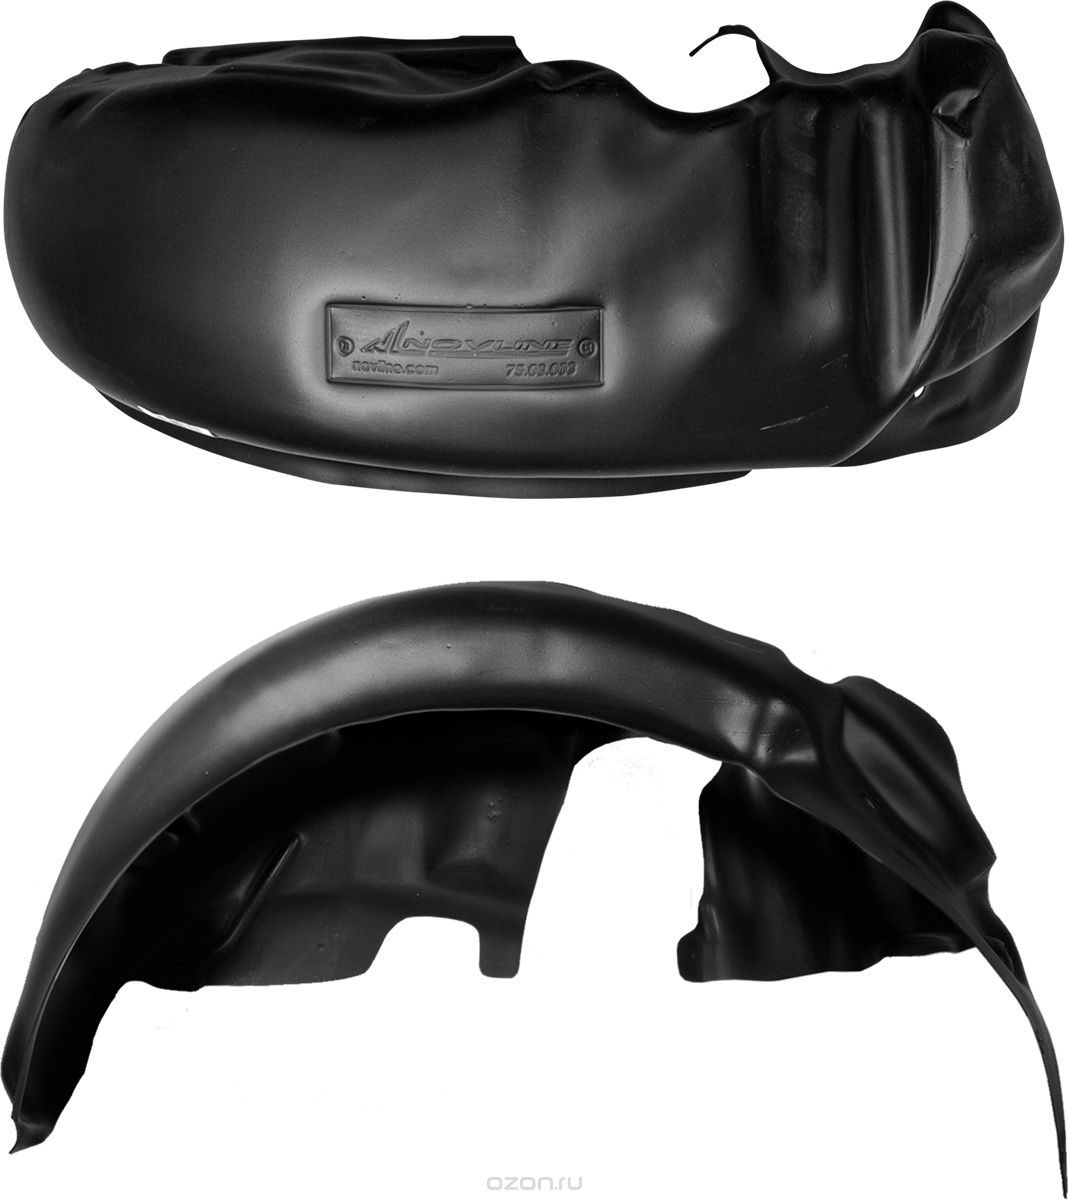 Подкрылок Novline-Autofamily, для Hyundai i40, 06/2012->, седан, задний левыйNLL.20.46.003Идеальная защита колесной ниши. Локеры разработаны с применением цифровых технологий, гарантируют максимальную повторяемость поверхности арки. Изделия устанавливаются без нарушения лакокрасочного покрытия автомобиля, каждый подкрылок комплектуется крепежом. Уважаемые клиенты, обращаем ваше внимание, что фотографии на подкрылки универсальные и не отражают реальную форму изделия. При этом само изделие идет точно под размер указанного автомобиля.